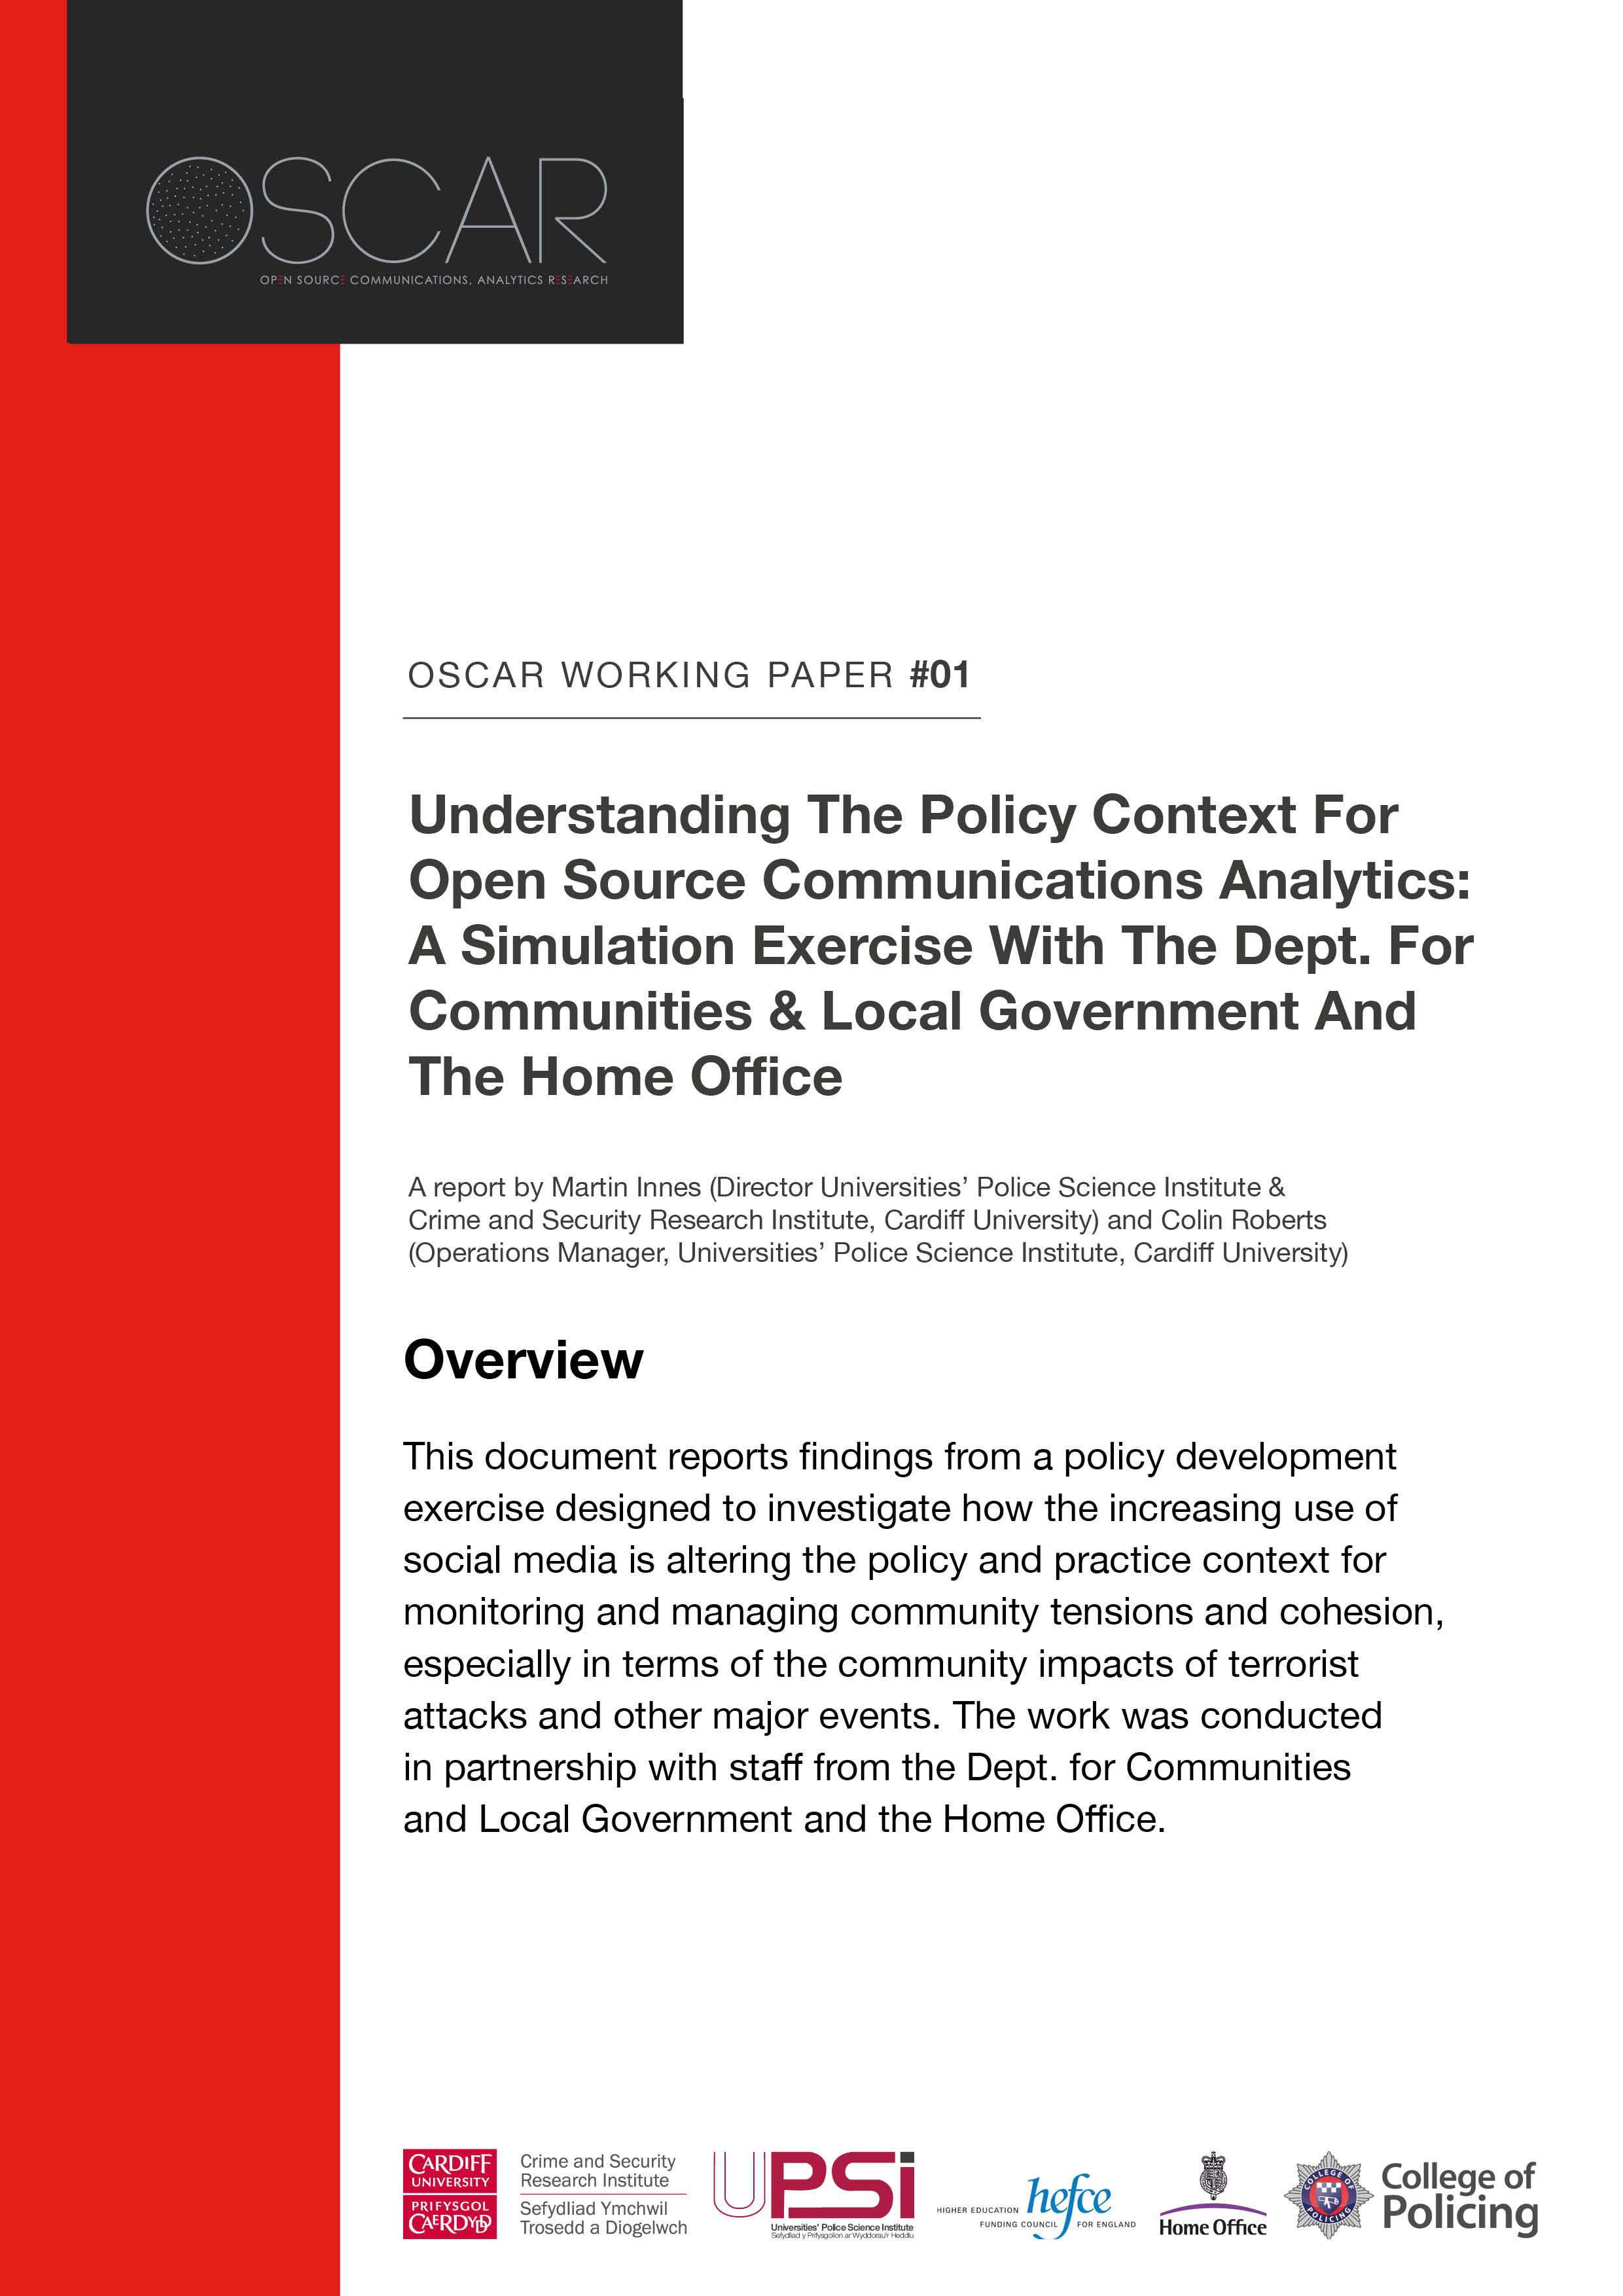 OSCAR WP1 Policy Context Cover.jpg